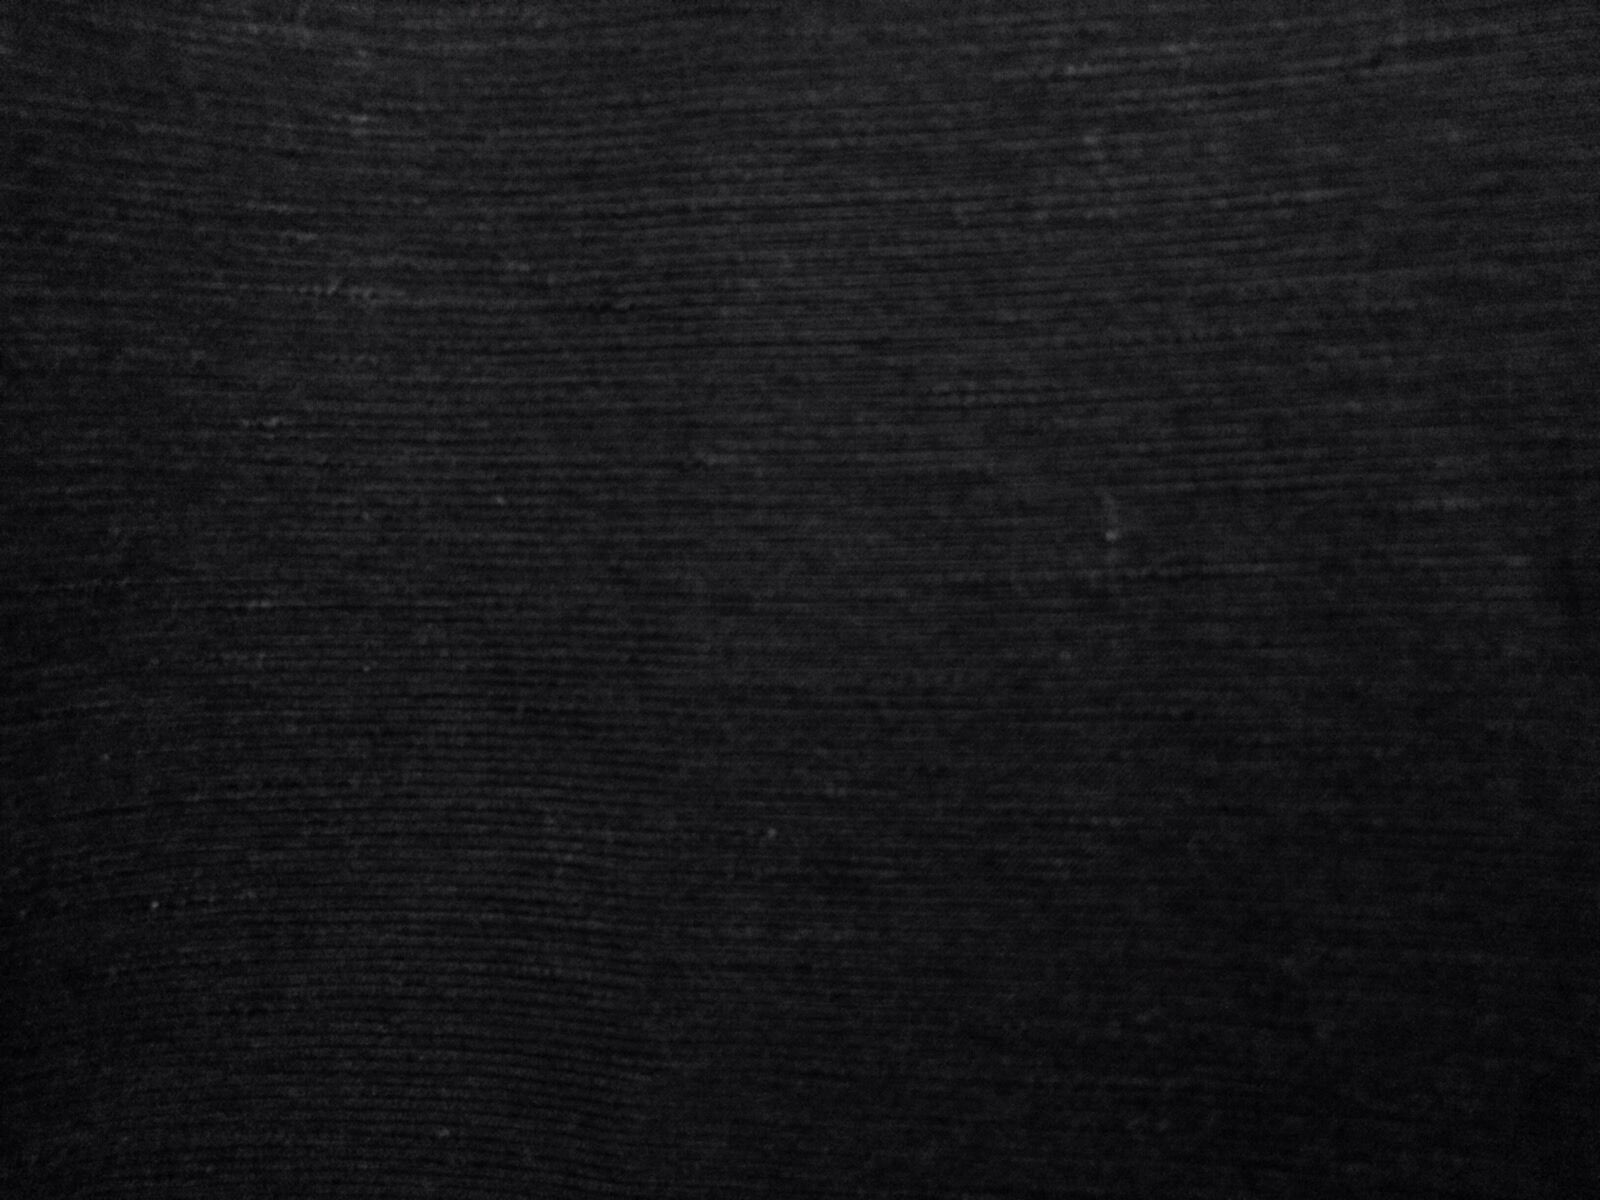 JO NO FUI FUI FUI NUOVO Shantung abito con inserti di seta, taglia 40It 8 UK d5cdc9